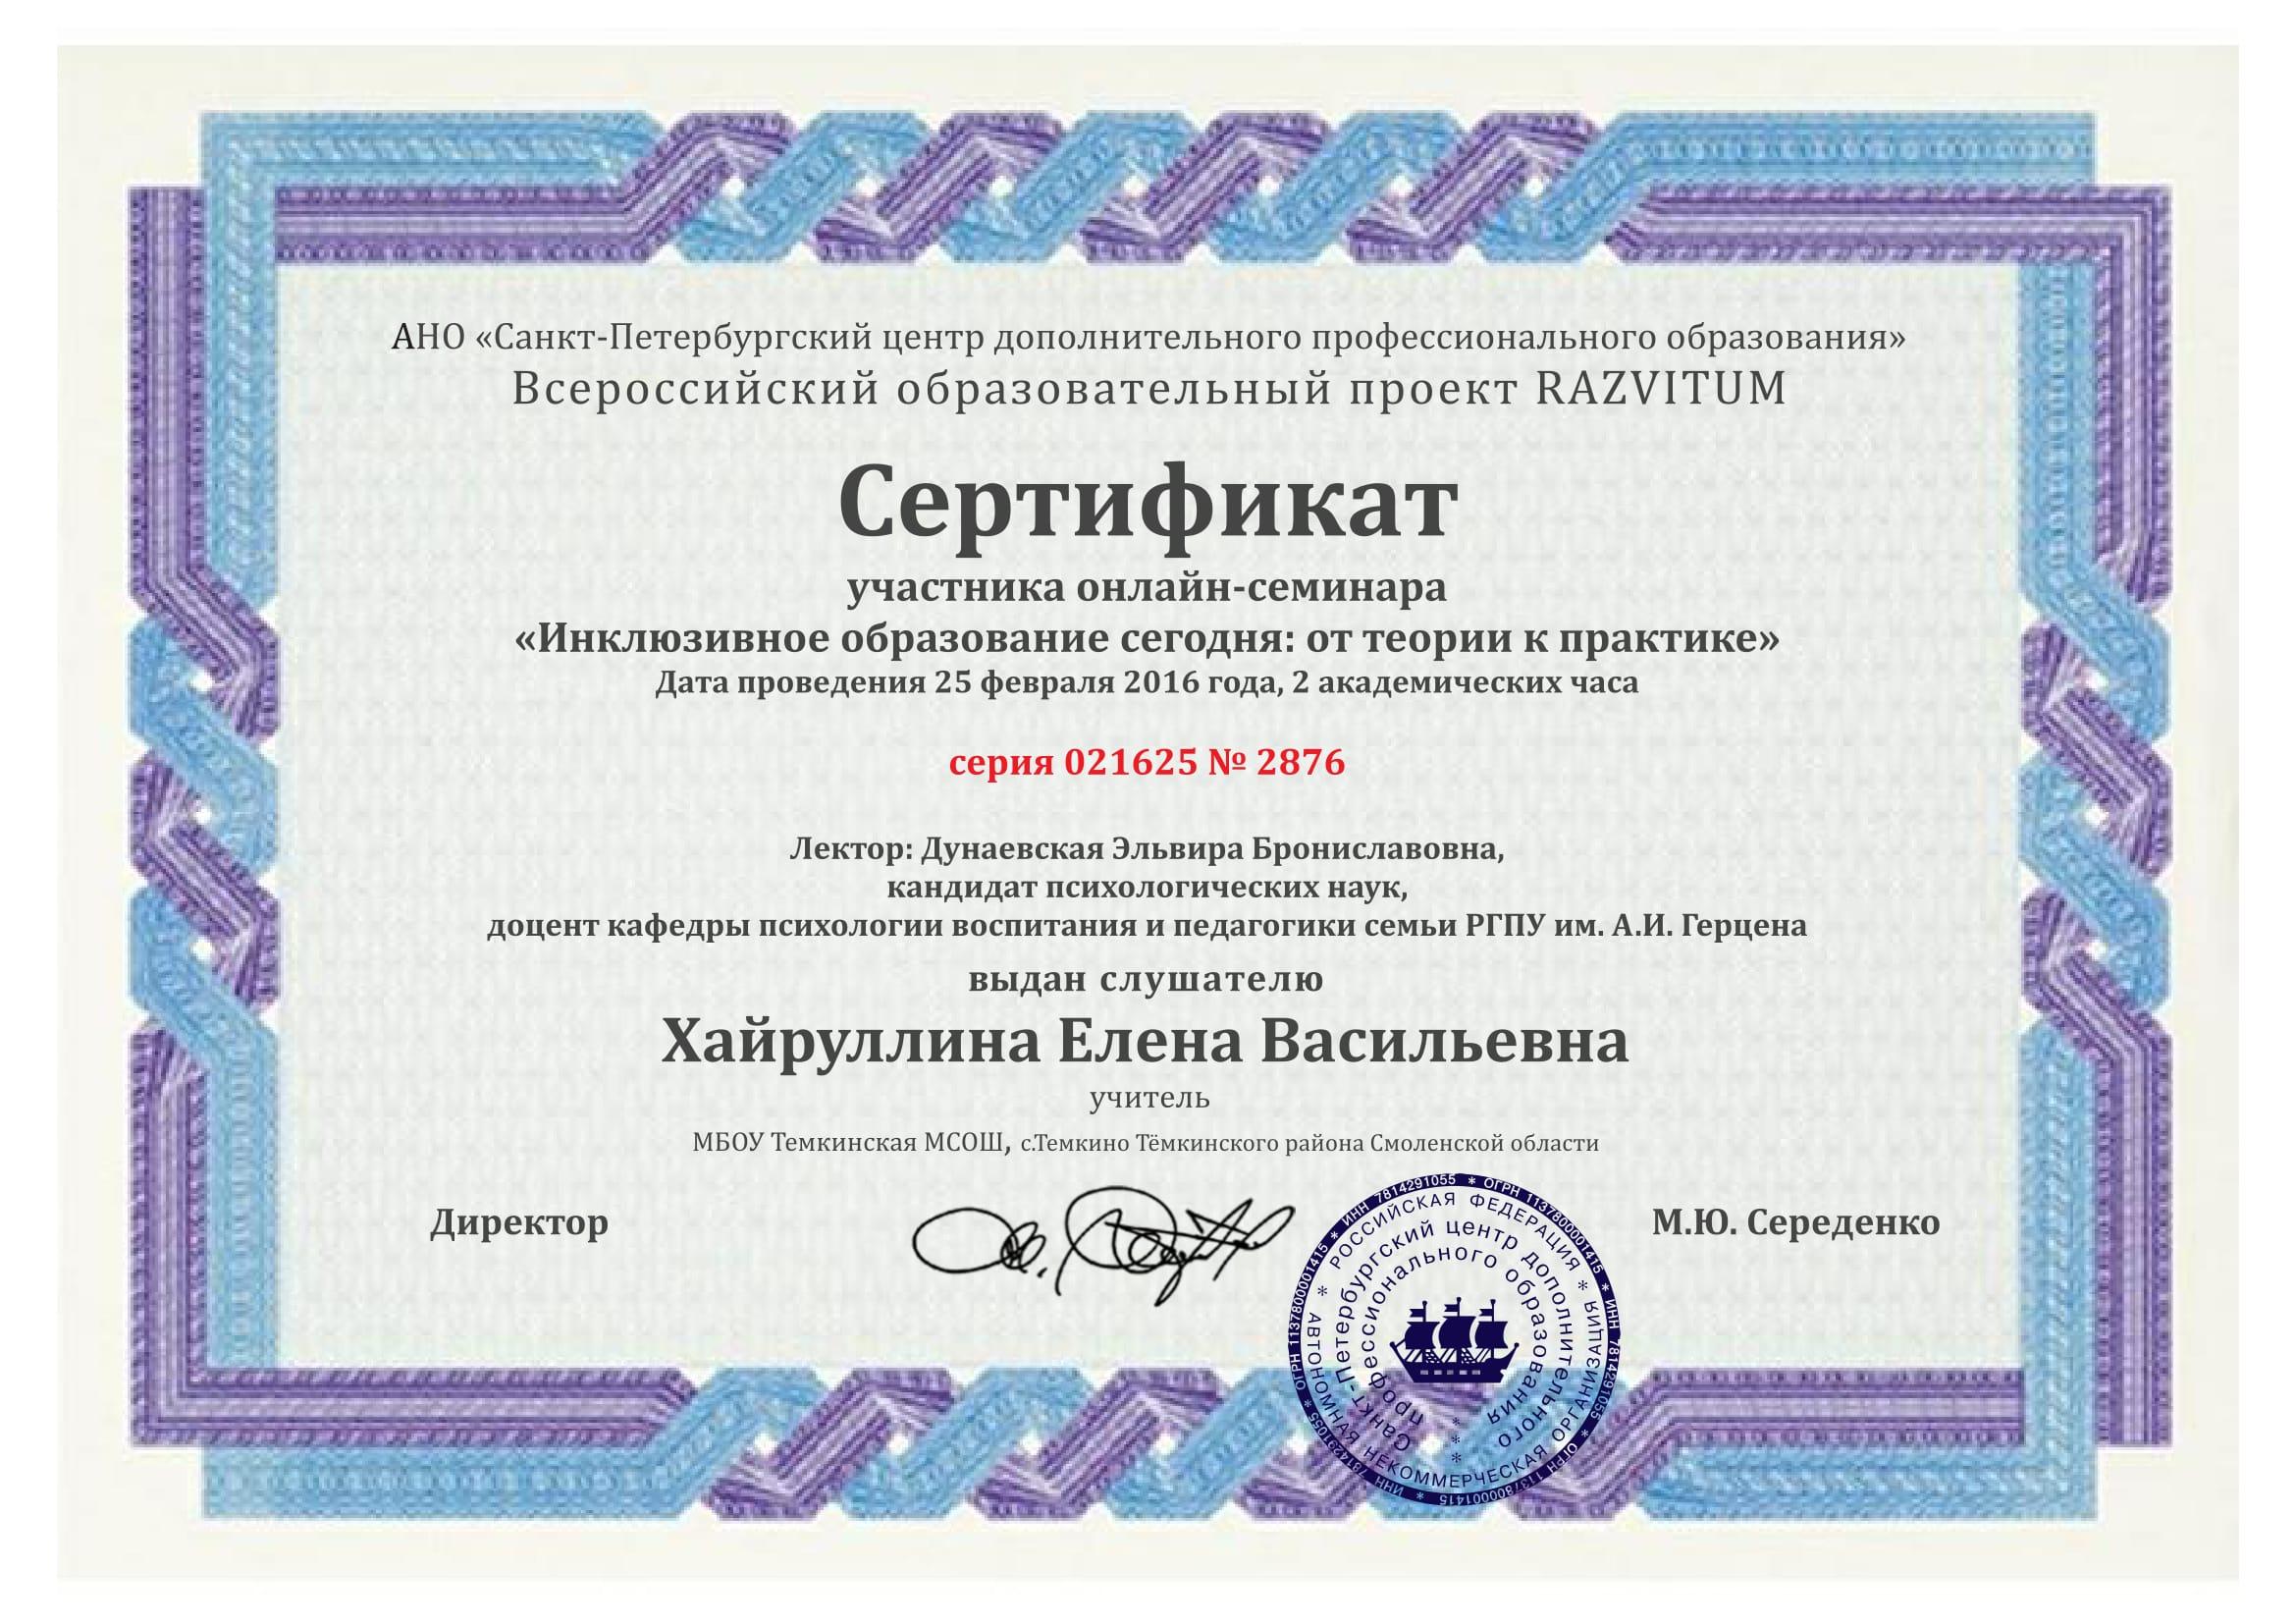 Первый всероссийский конкурс по инклюзивному образованию